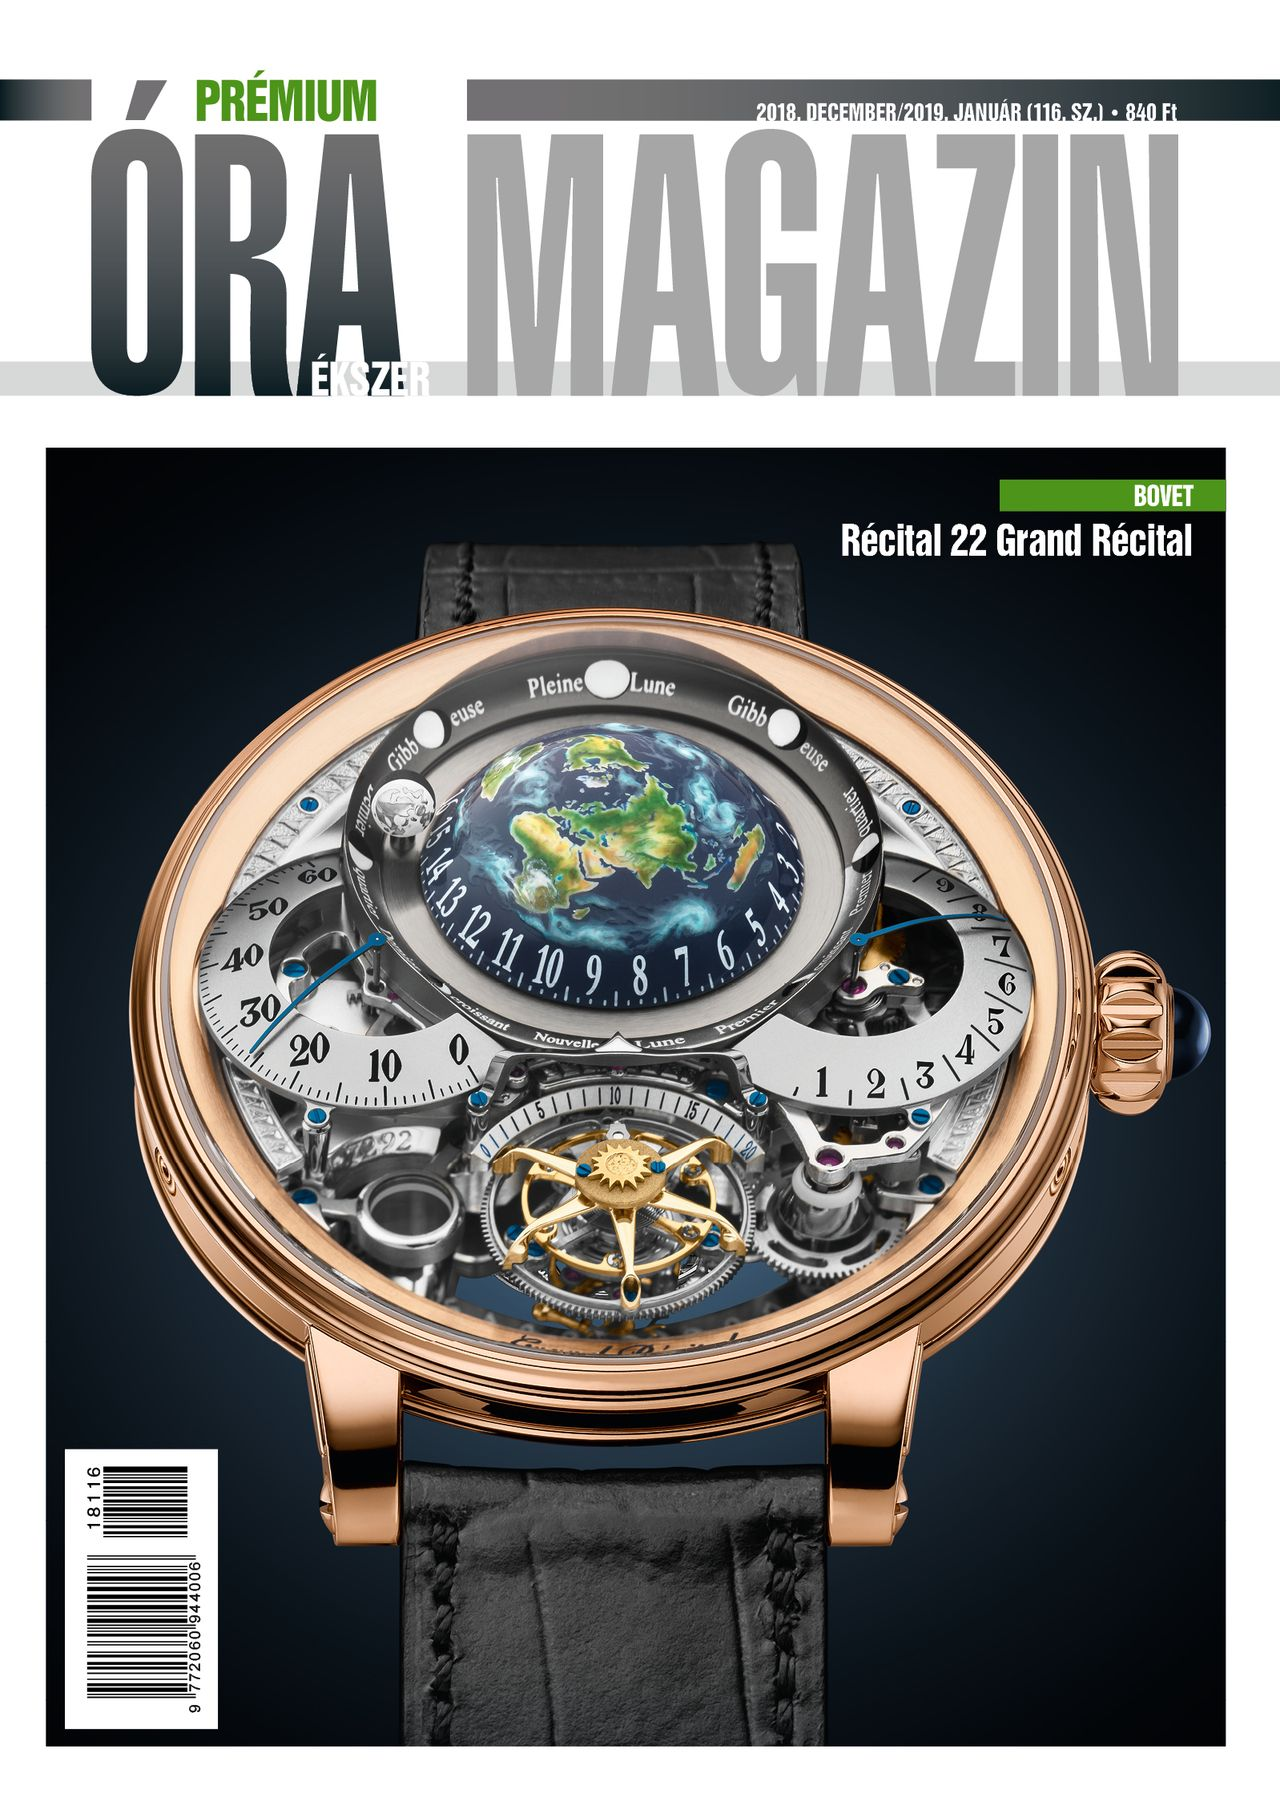 Prémium Óra Ékszer Magazin 116 (2018 december / 2019 január)